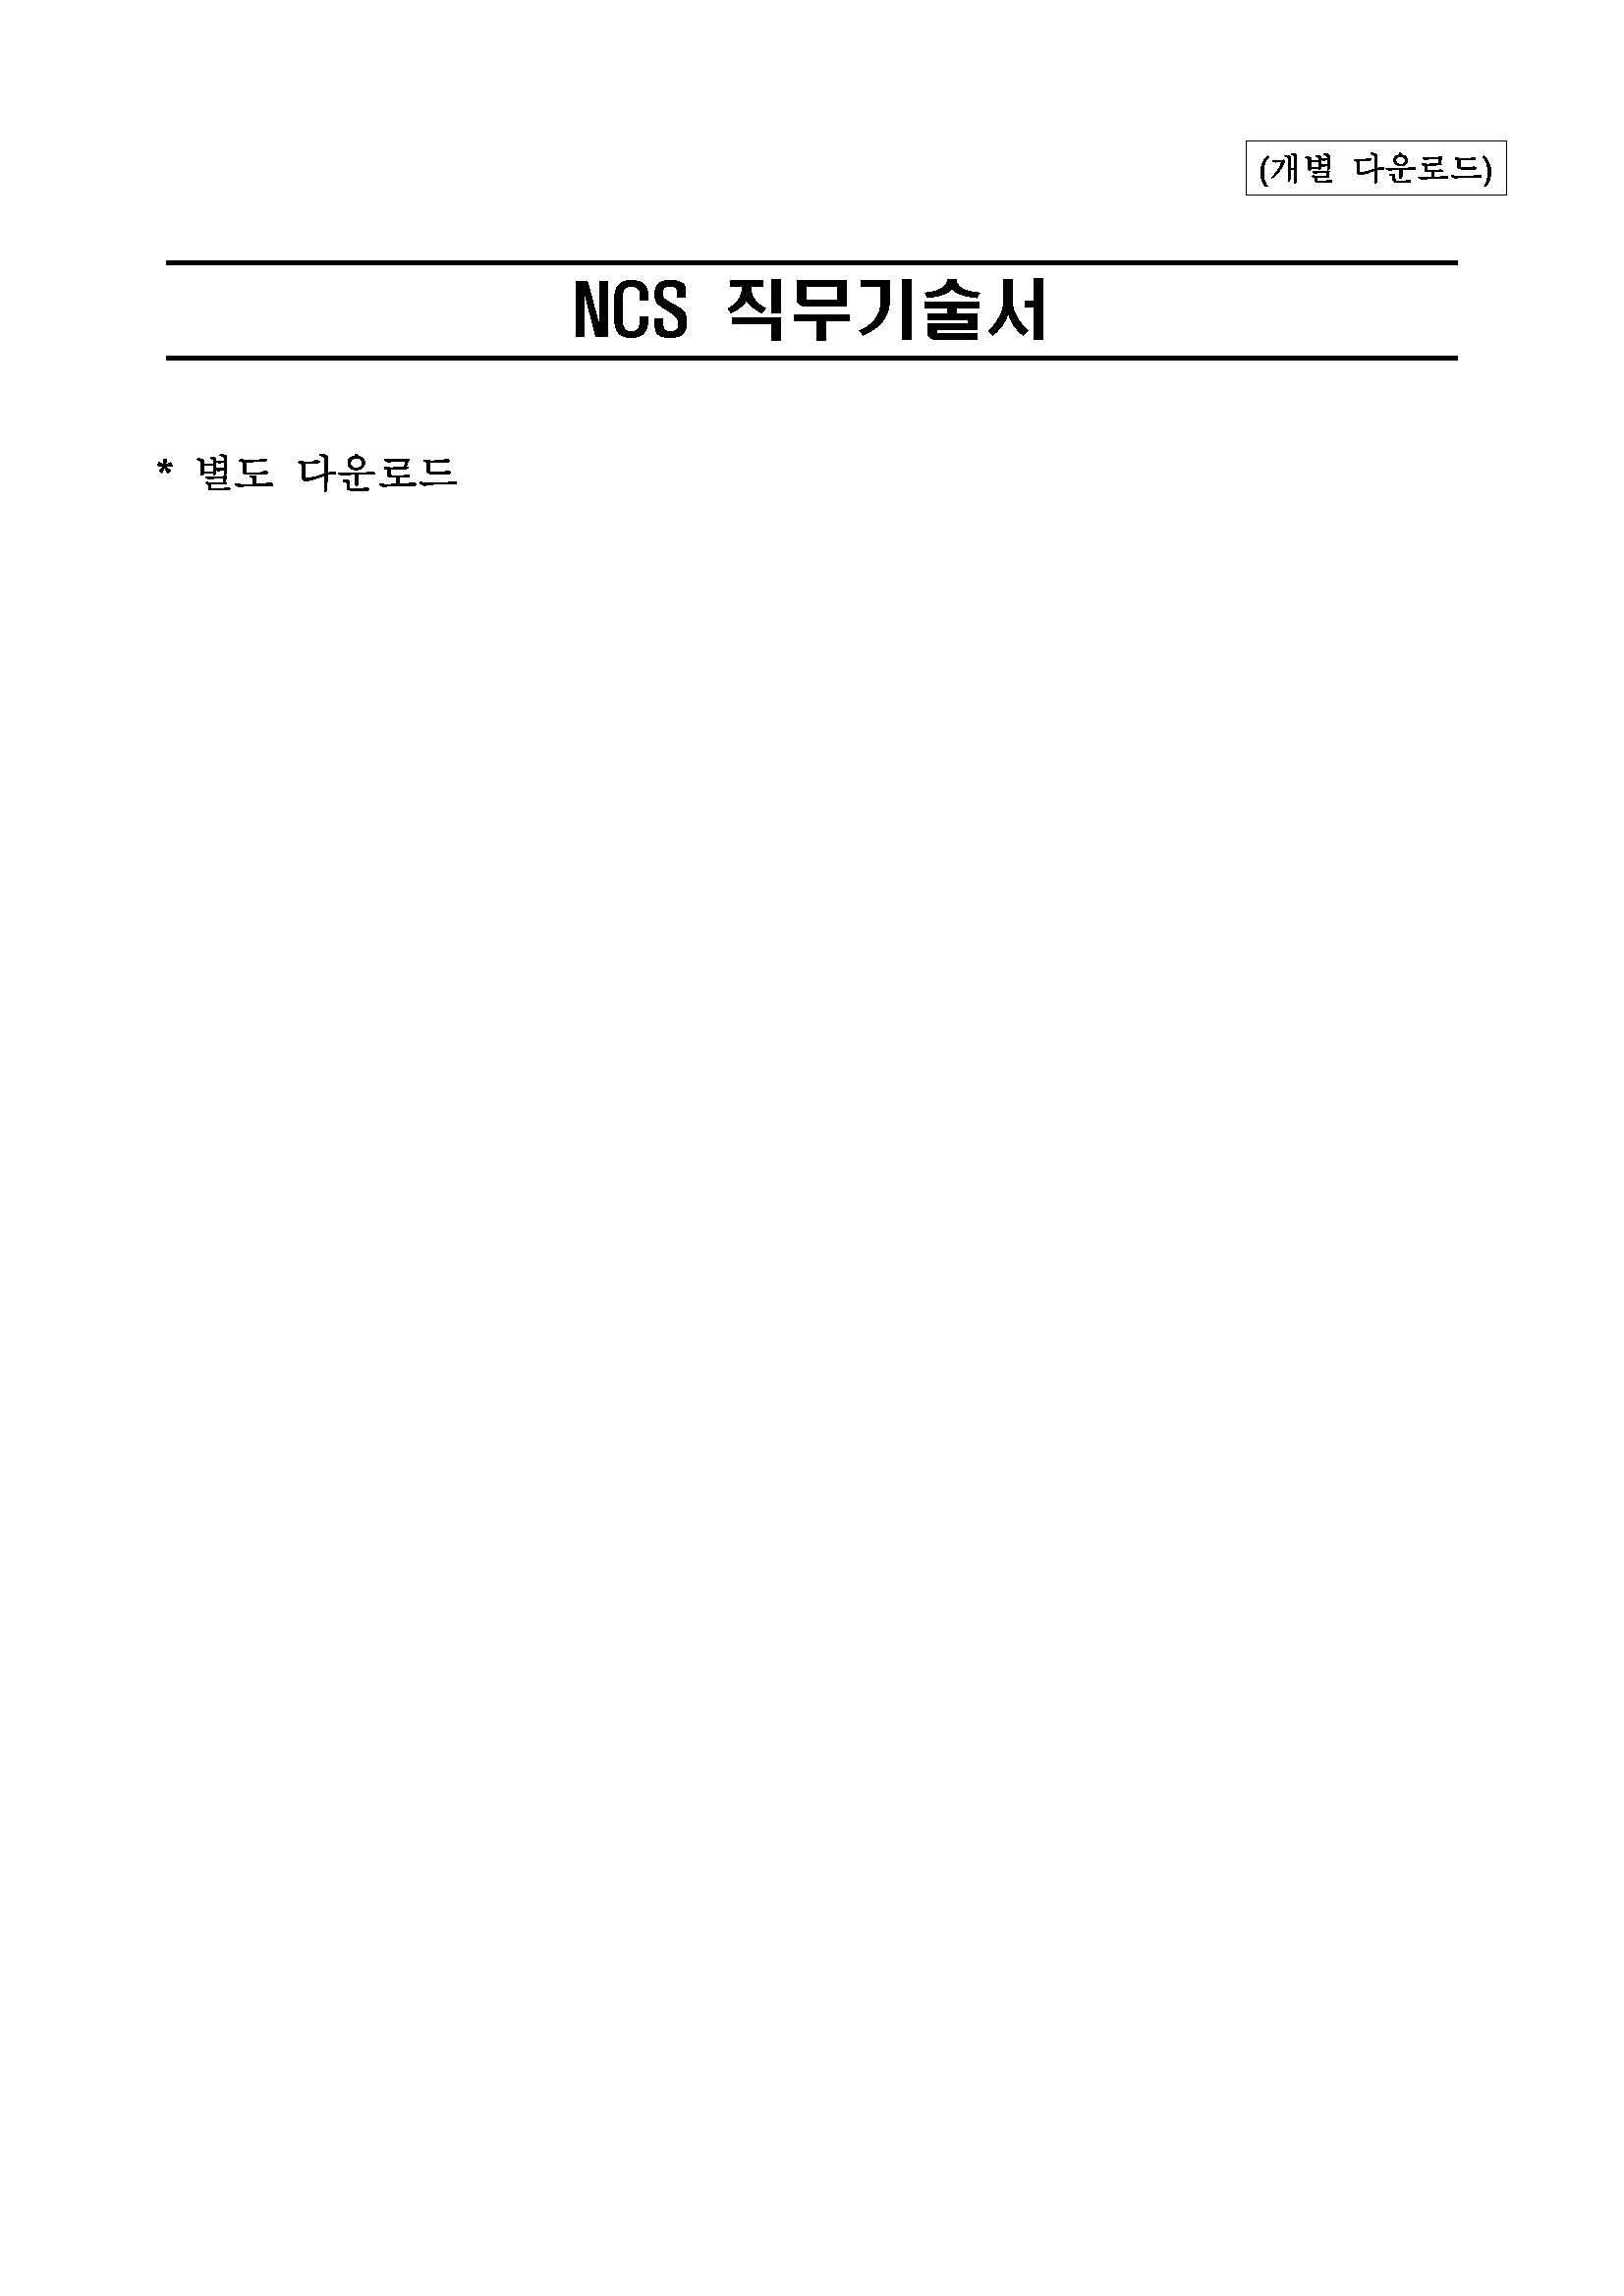 2017년 하반기 일반직 신입사원(채용형 인턴) 일반공채 공고문_페이지_12.jpg